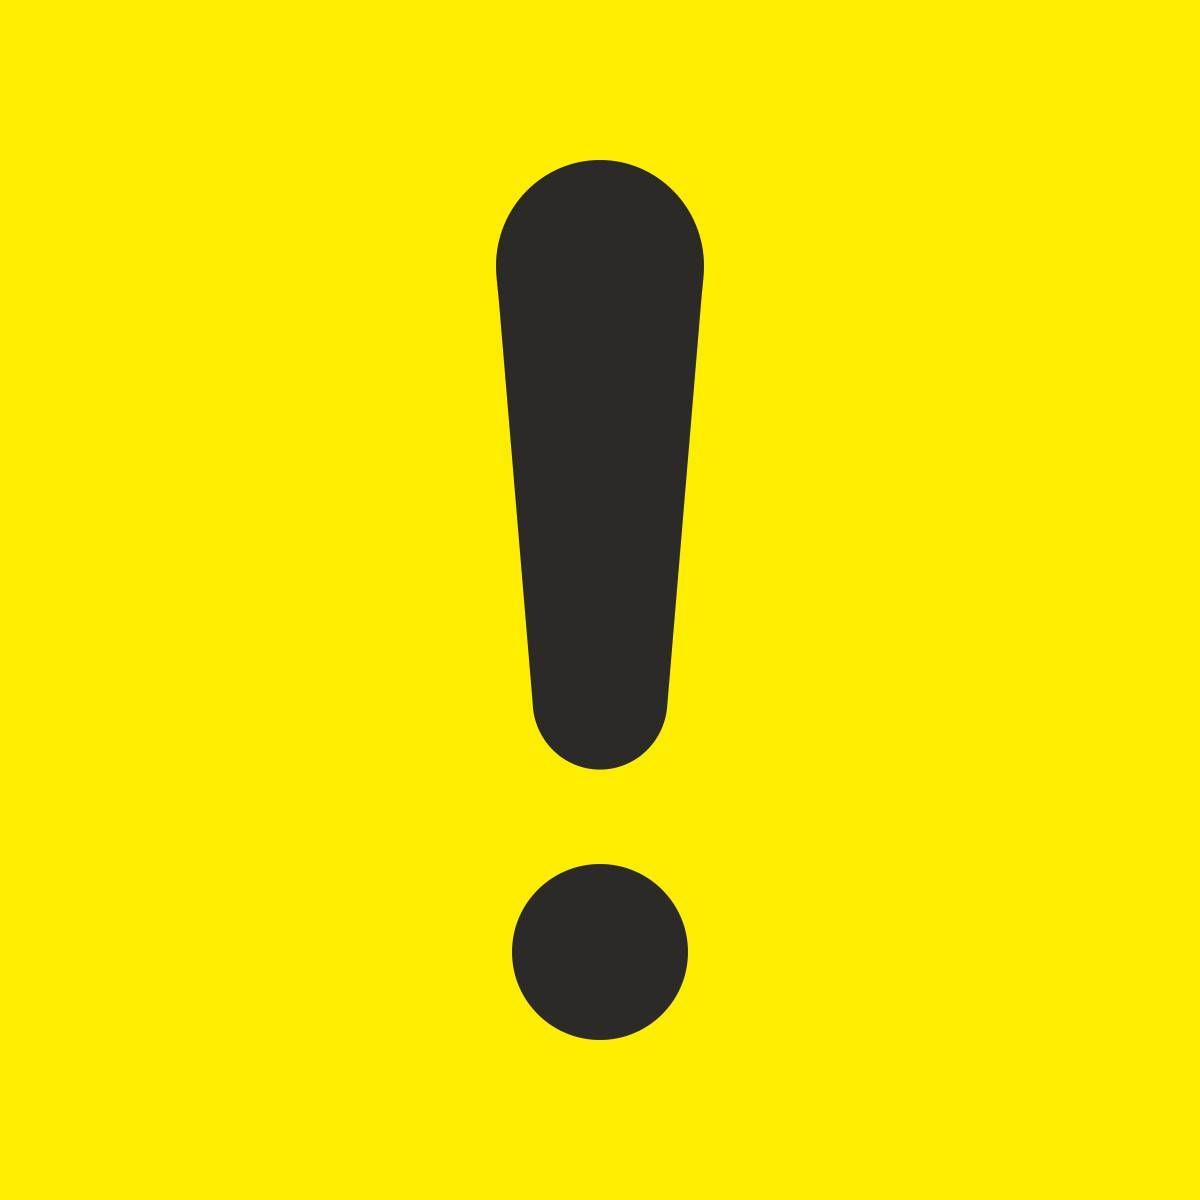 Наклейка автомобильная Фолиант Начинающий водитель, цвет: желтыйННВС 4 апреля 2017 года знак Начинающий водитель является обязательным для эксплуатации автомобиля. Устанавливаться этот знак должен на всех транспортных средствах, которыми управляют так называемые неопытные водители - водители стажем менее двух лет (пункт № 8 Основных положений по допуску ТС к эксплуатации). Водитель-новичок обязан устанавливать на свою машину специальный оповещающий знак. За его отсутствие предусмотрен штраф - 500 рублей.